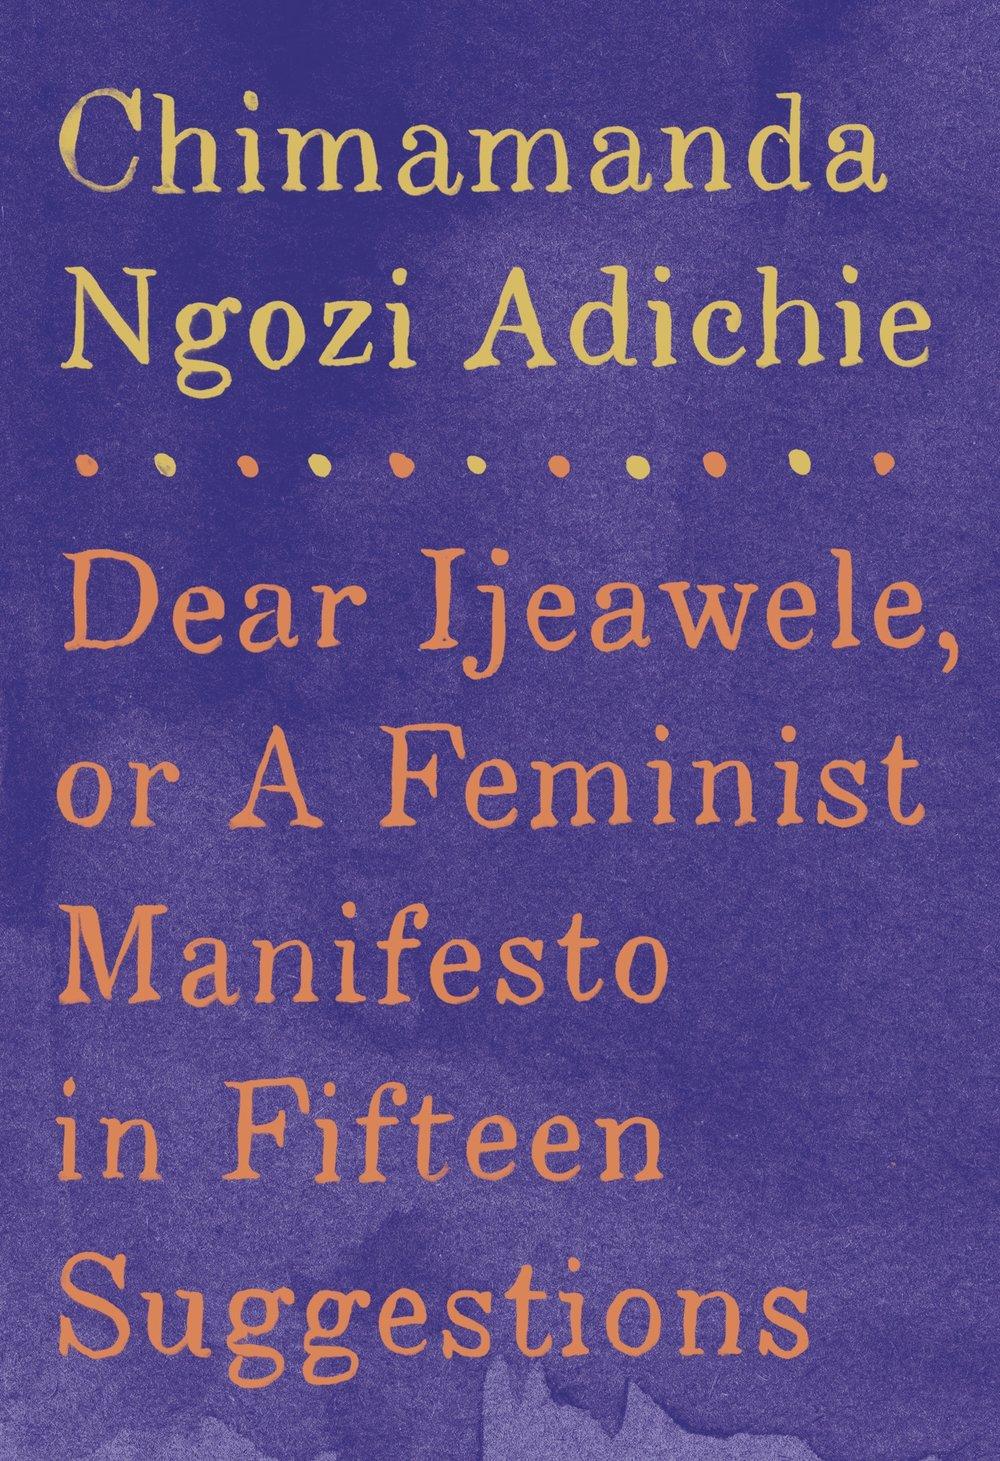 d61ea6f8-d287-4a78-93b1-da6411d857d1-feministmanifesto.jpg